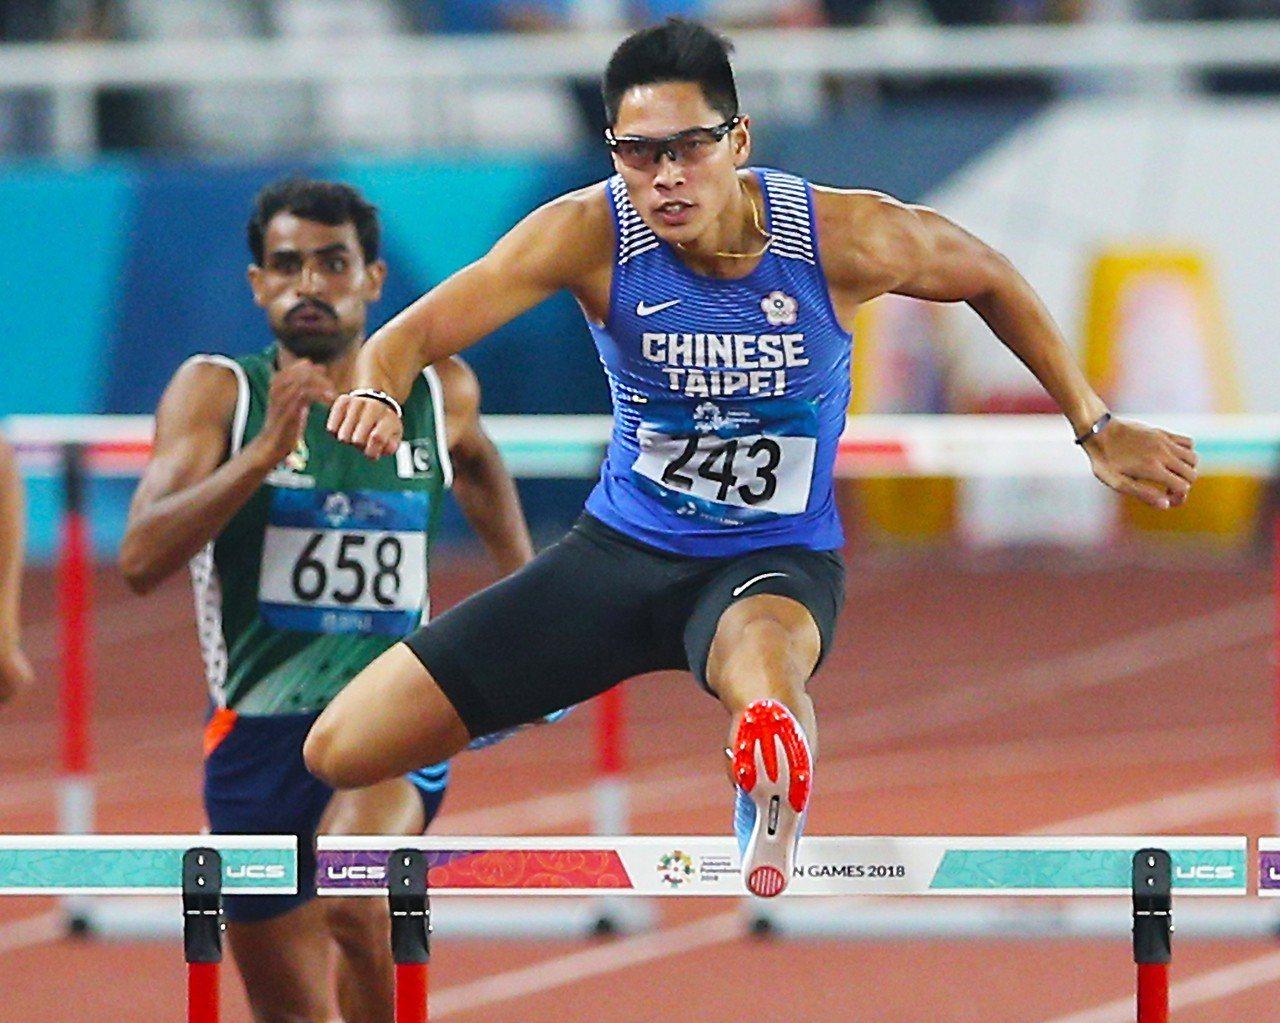 陳傑在男子400公尺跨欄準決賽排名第1,晉級明天決賽。特派記者陳正興/雅加達攝影